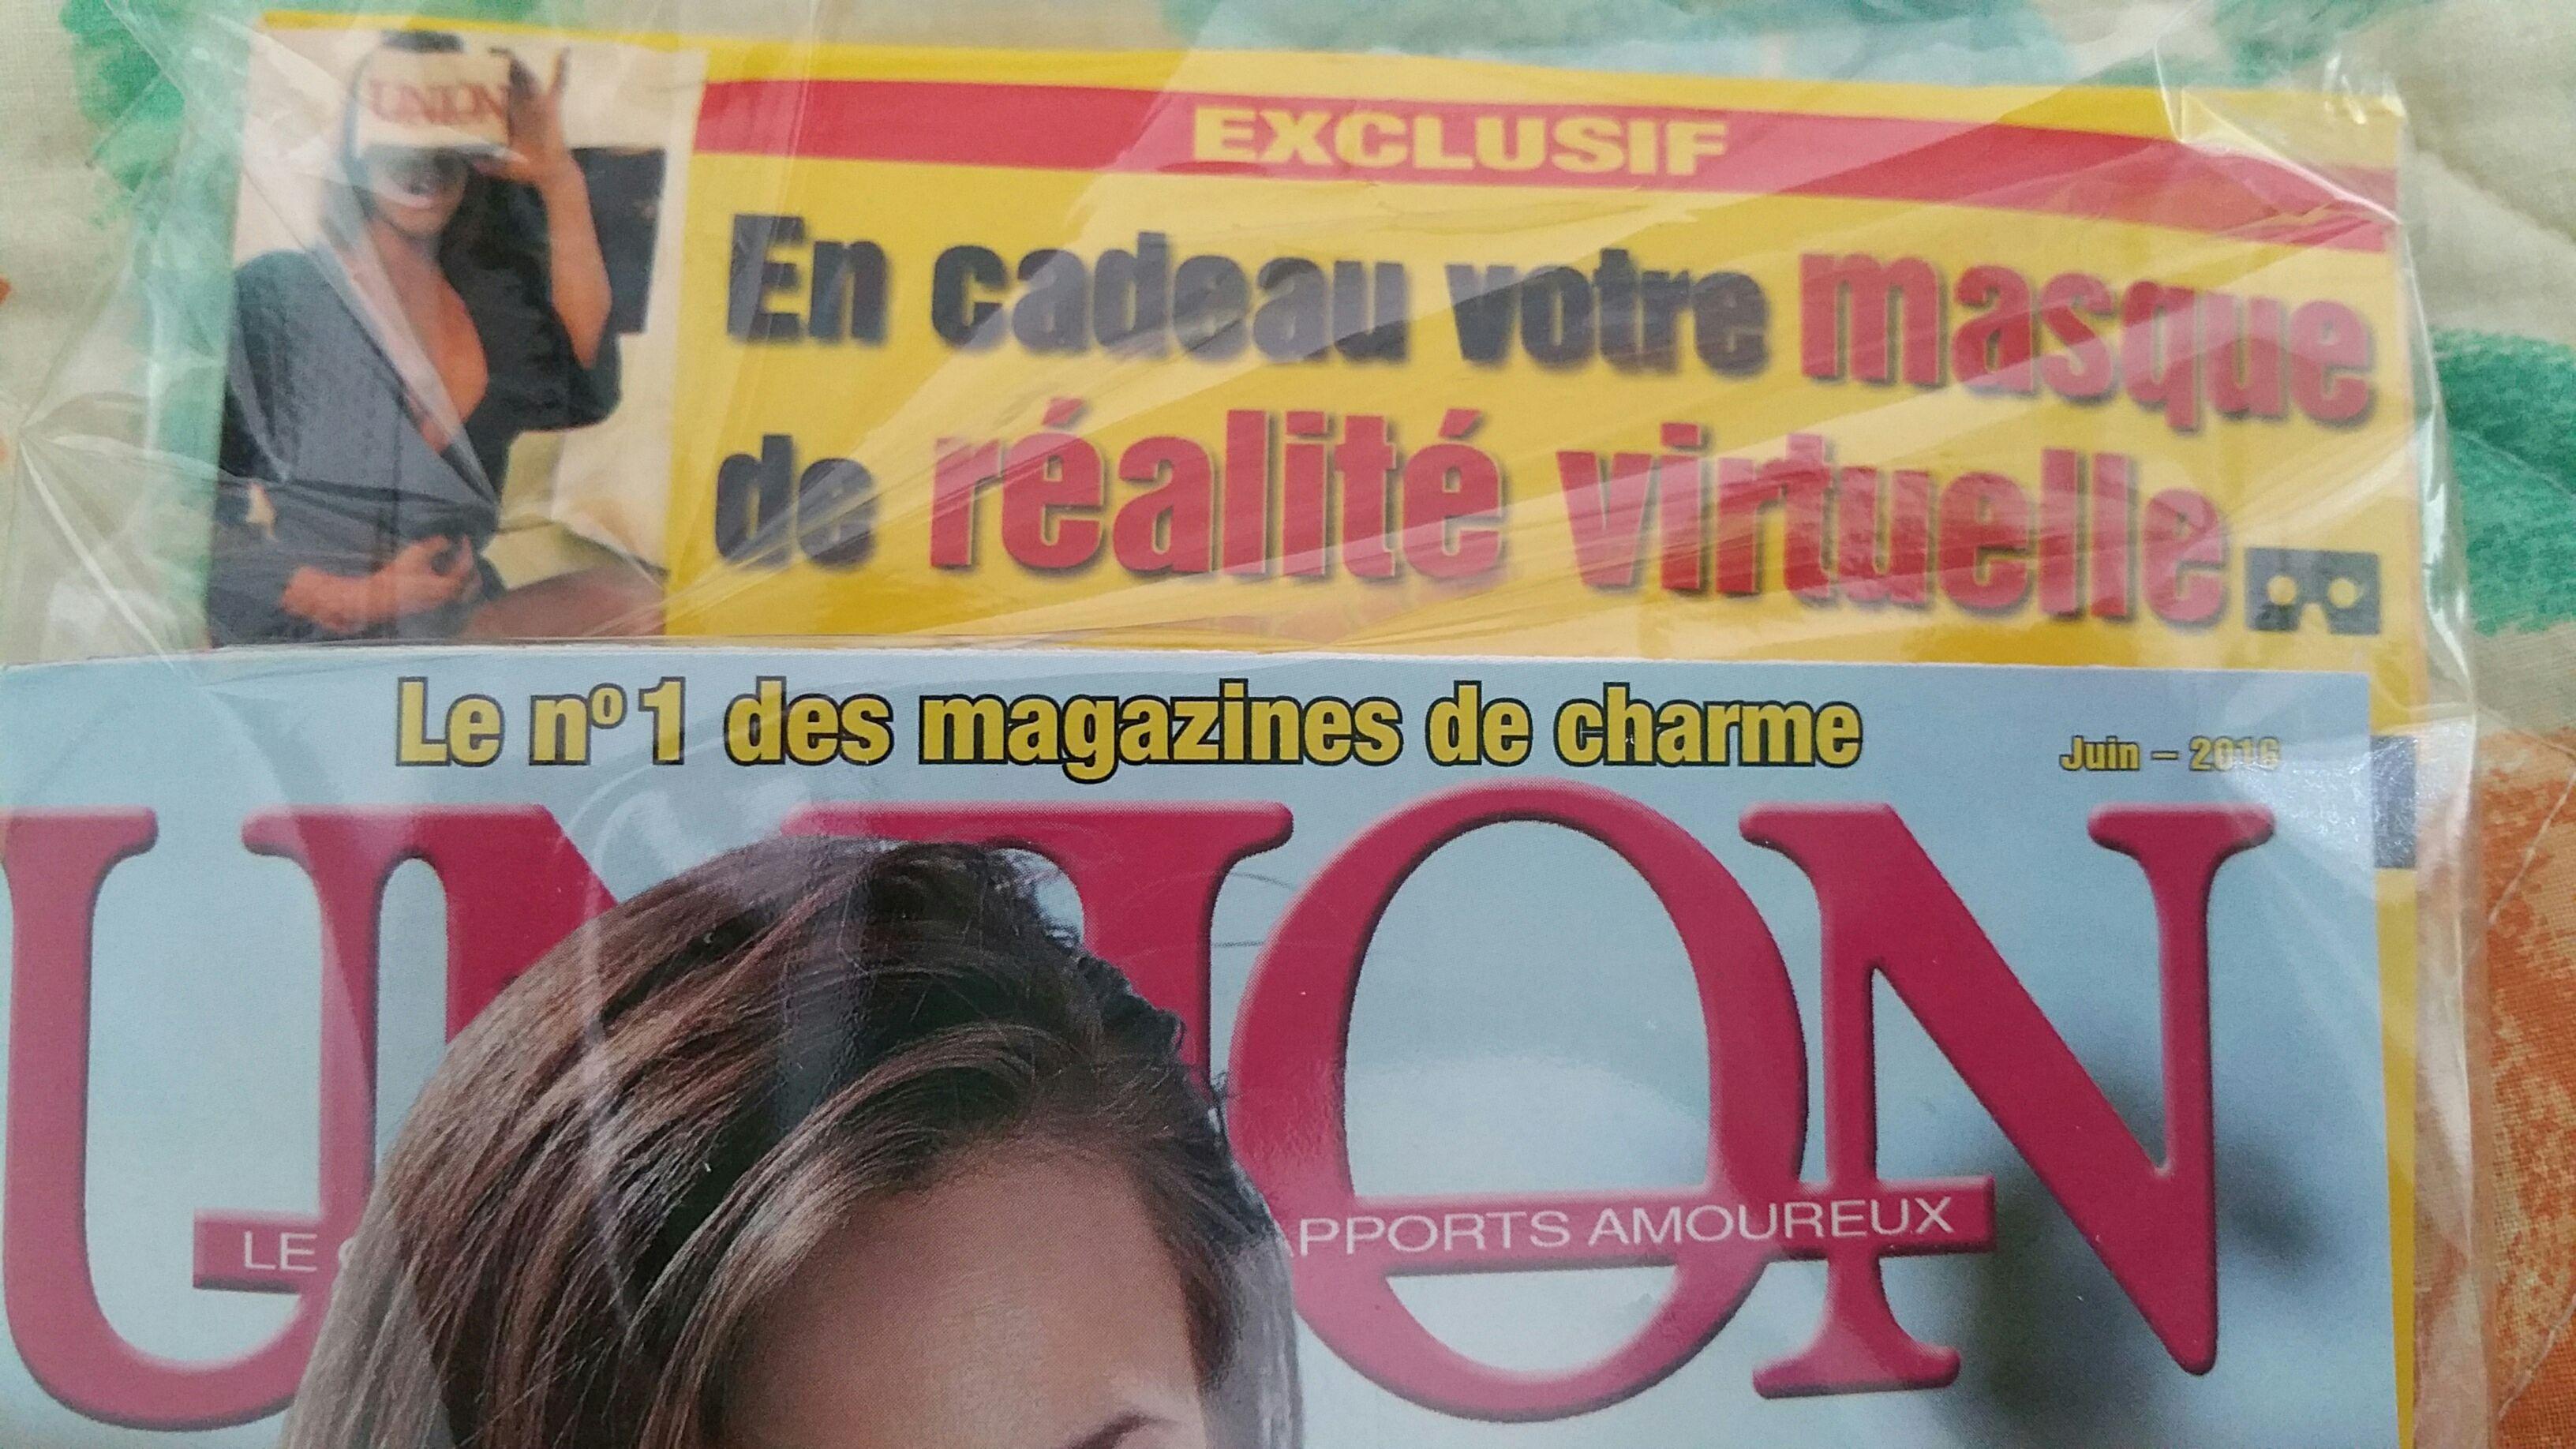 Une cardboard offerte pour l'achat du magazine Union